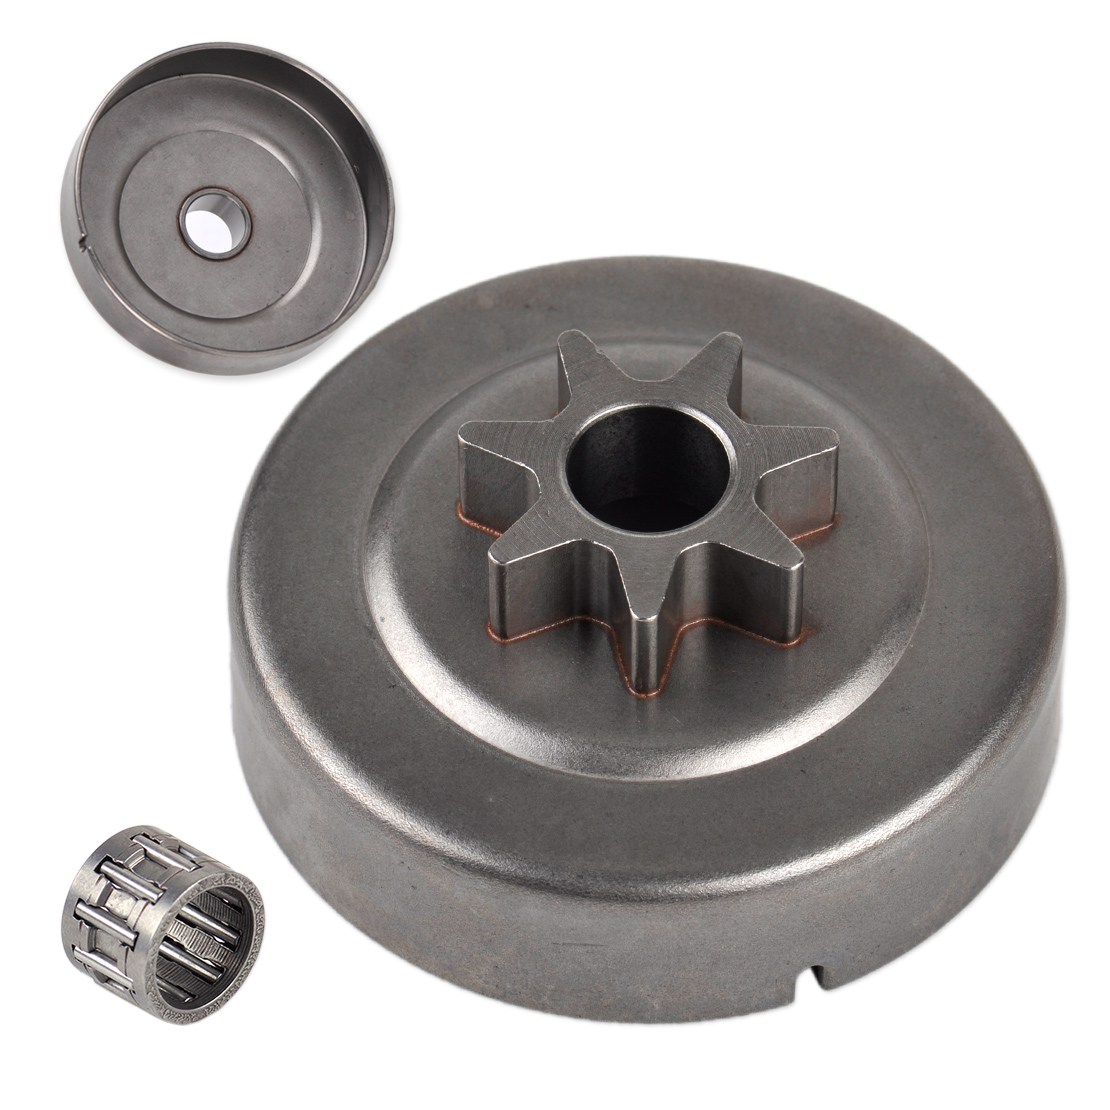 Nadellager für Kettenrad für Stihl 025 MS250 MS 250